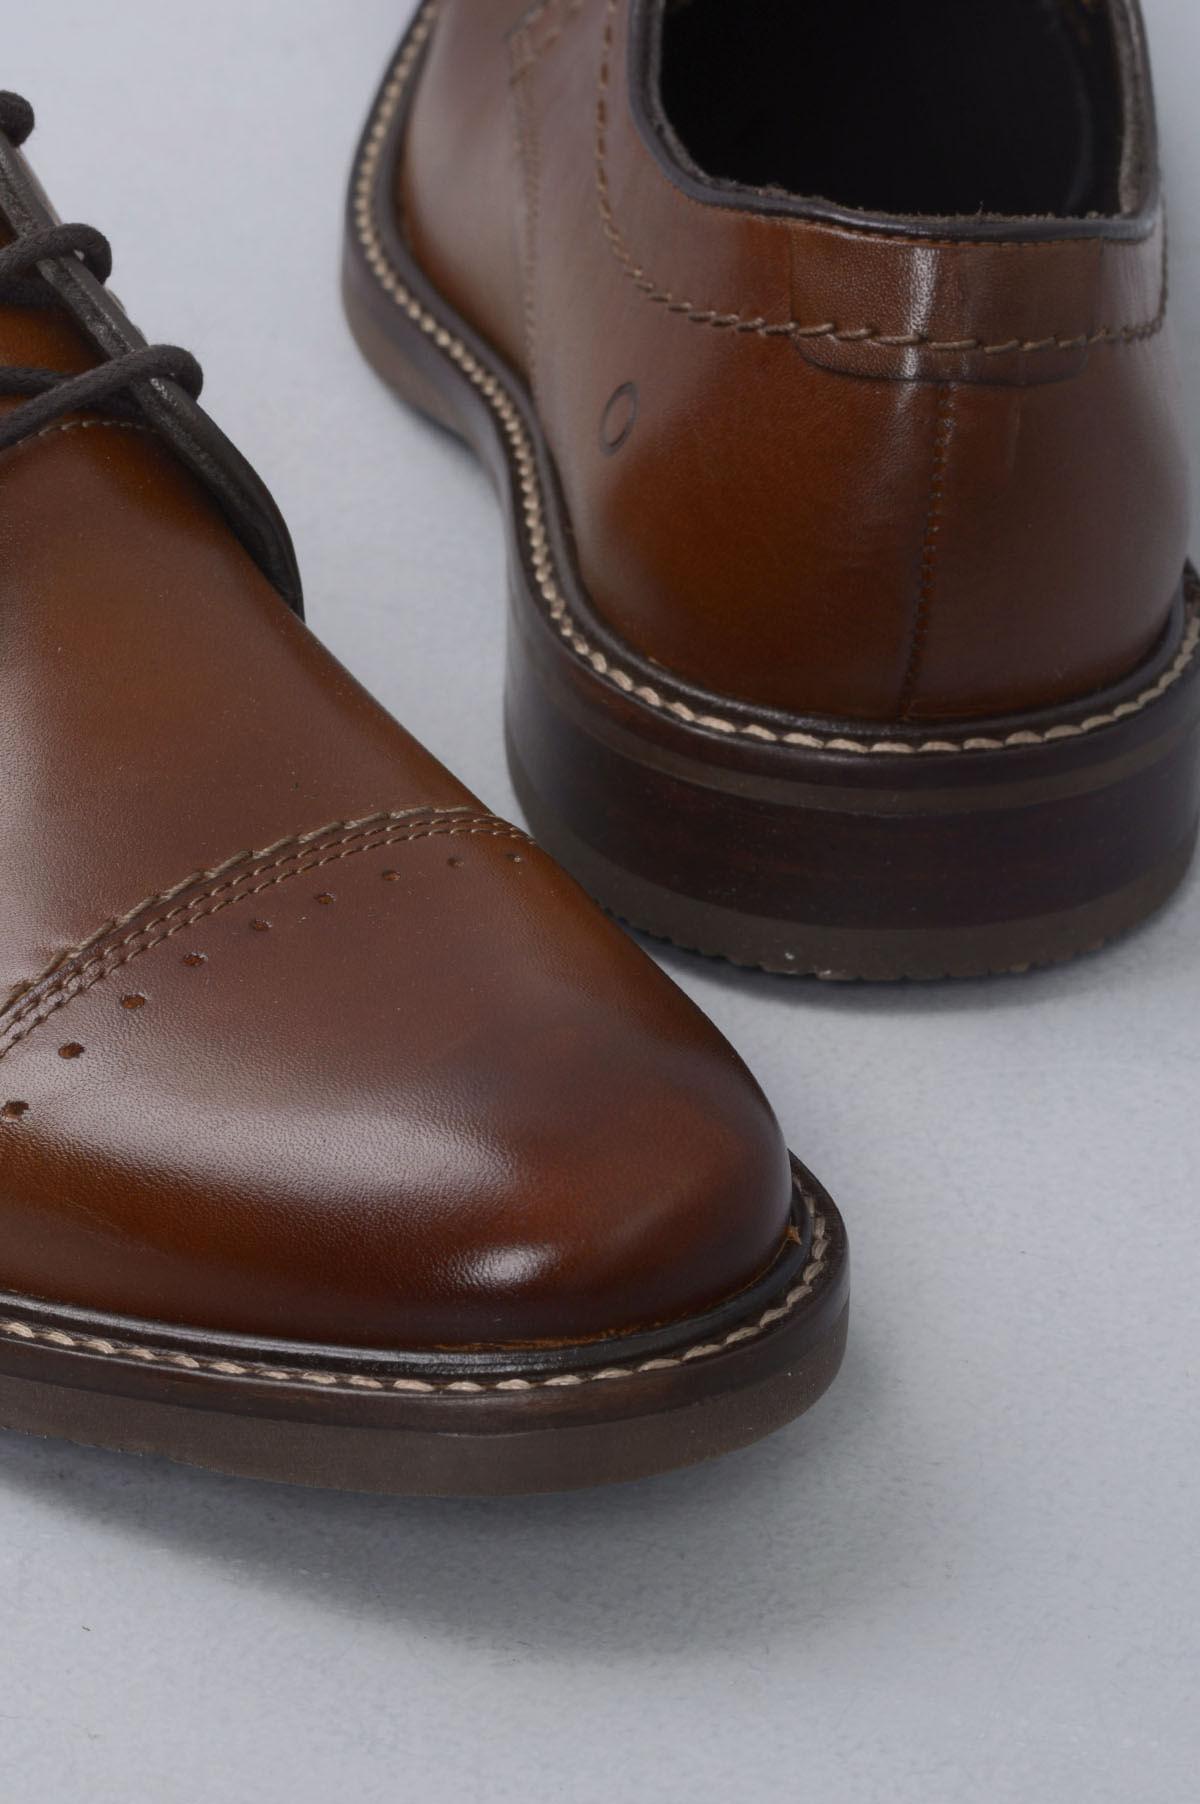 88e34880 Sapato Masculino Democrata Connor CR TAN - Mundial Calçados